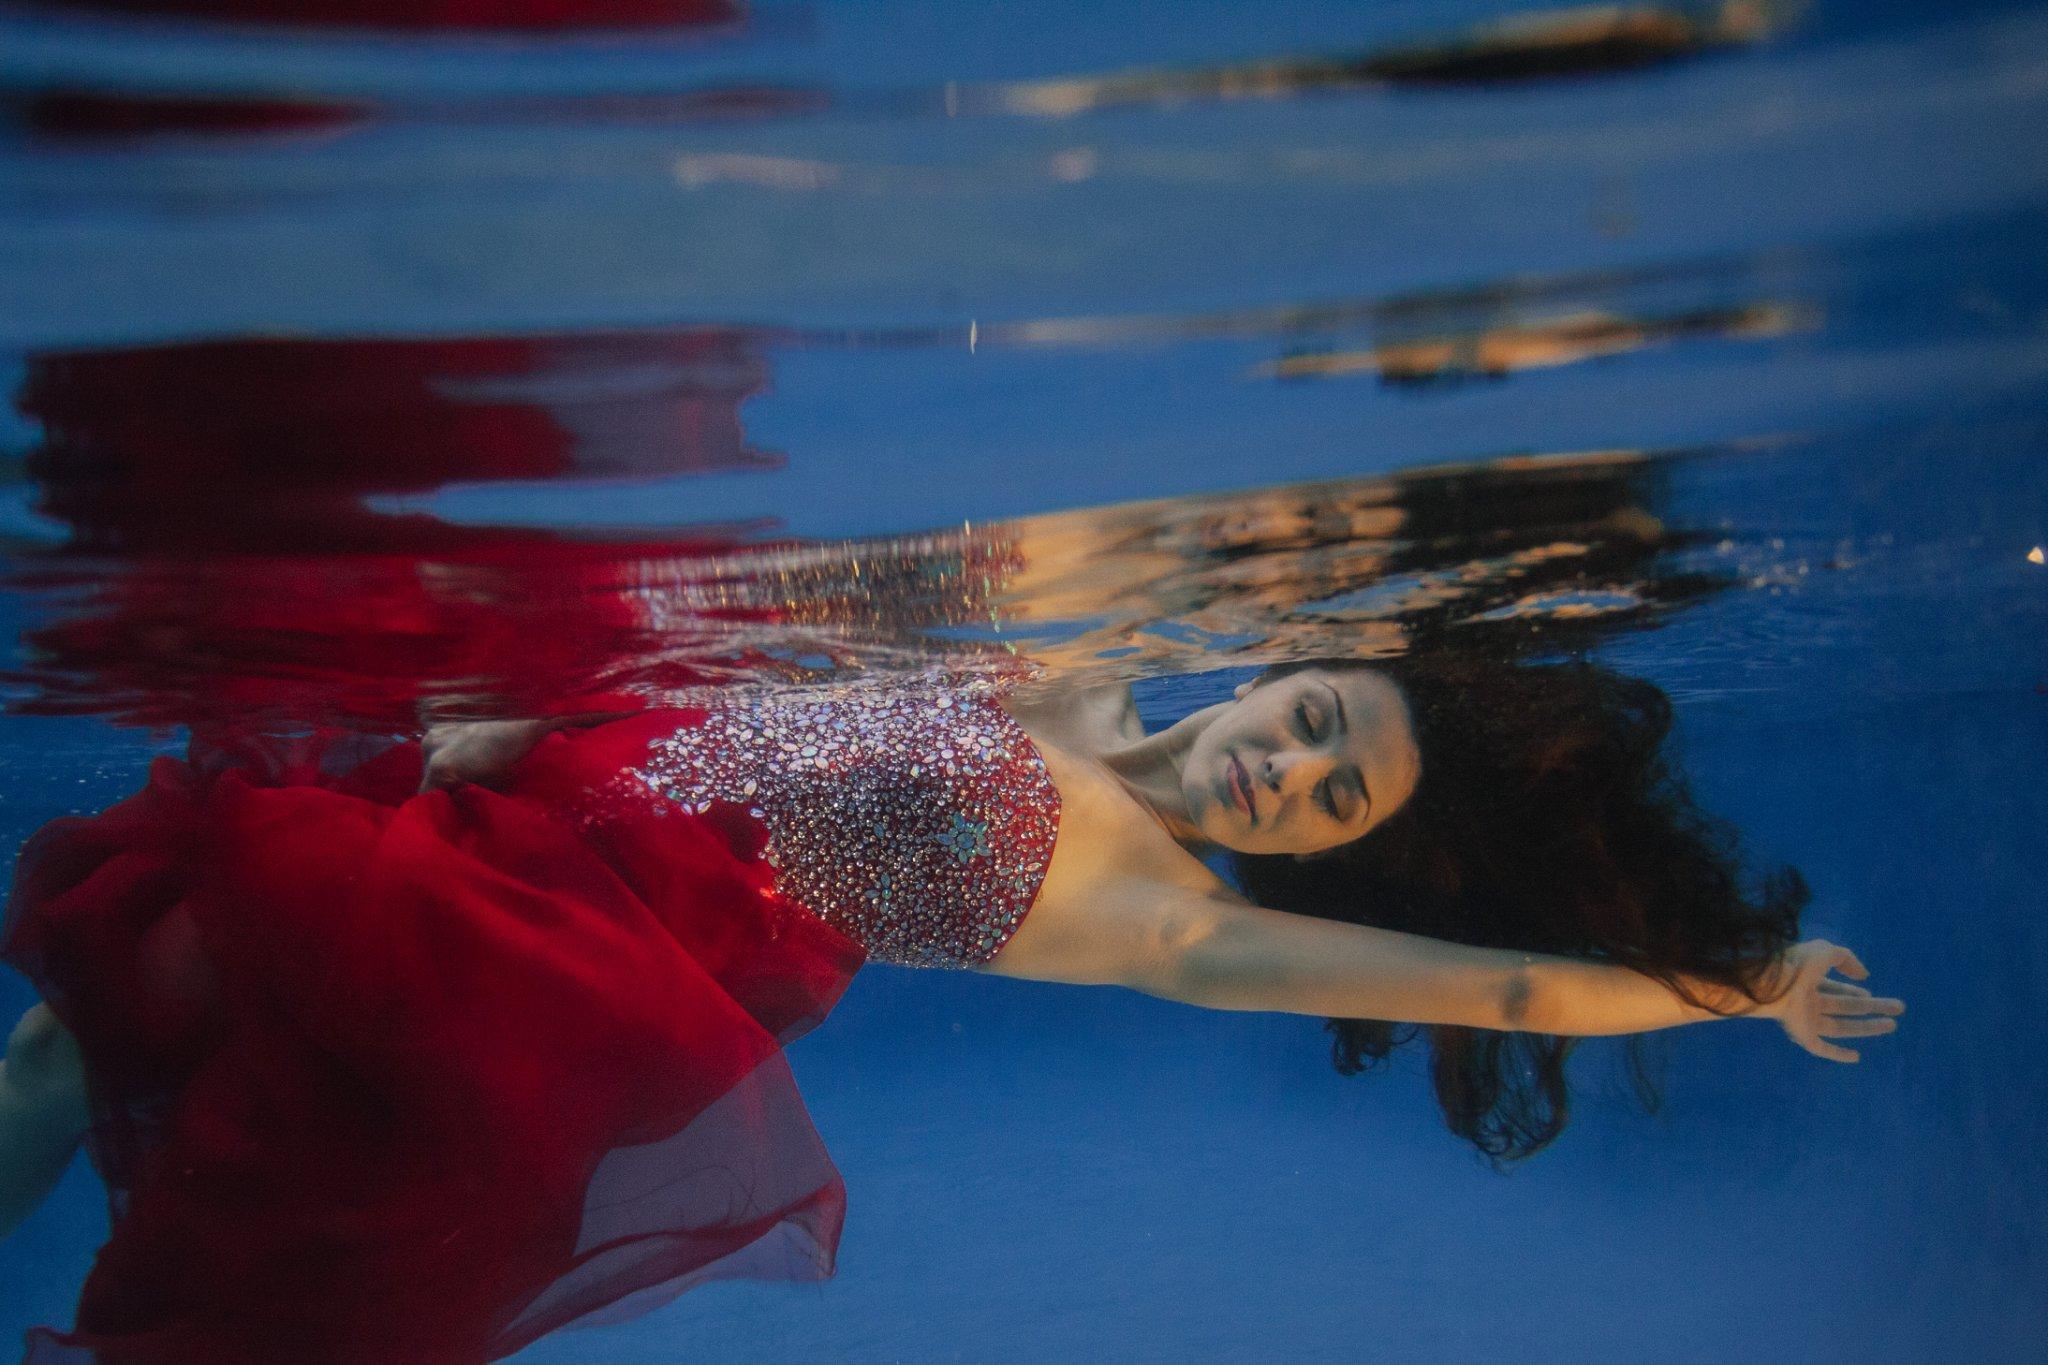 Phoenix underwater fashion photos in red dress